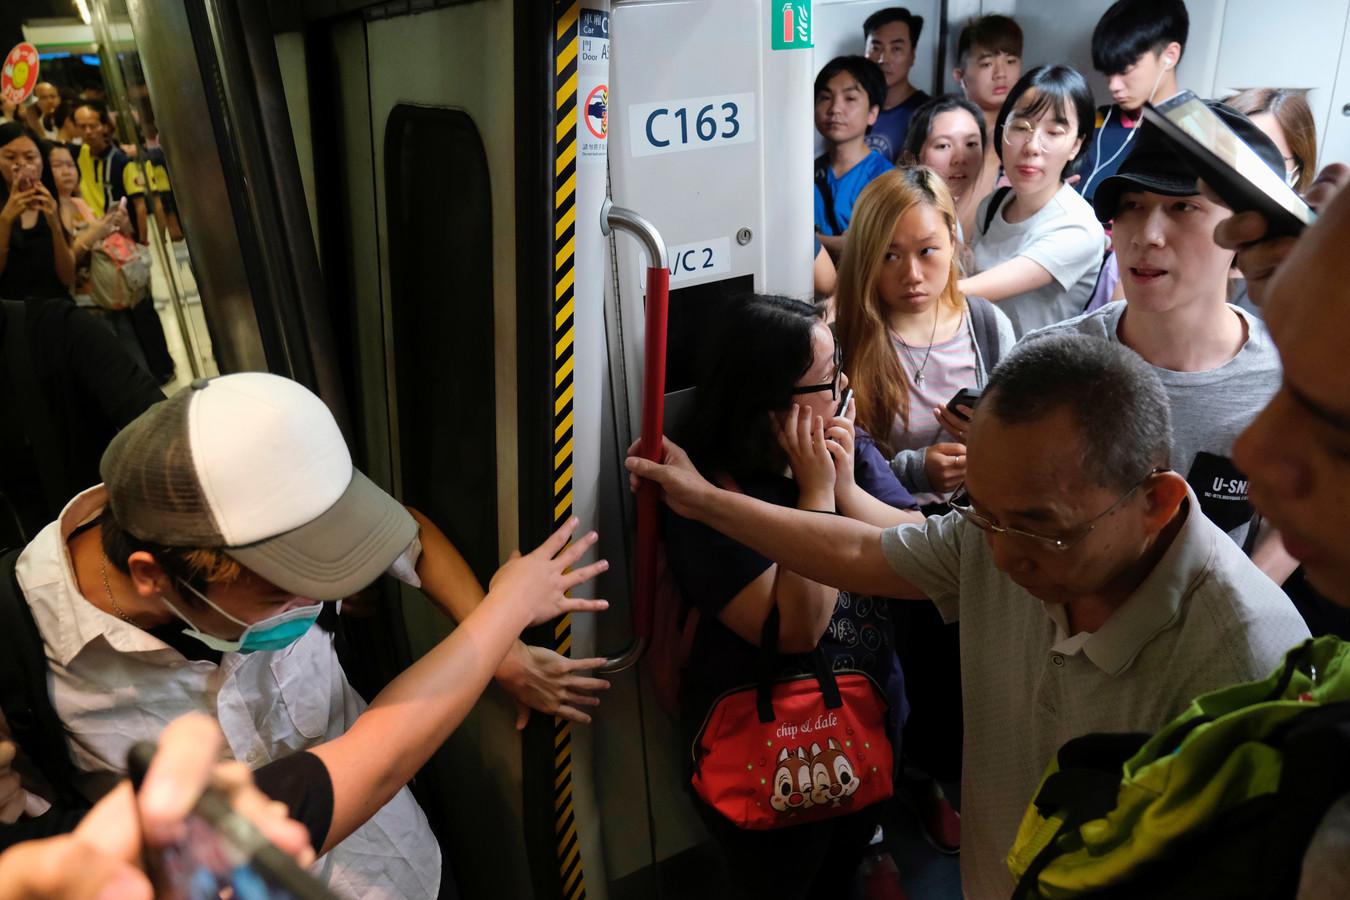 Activisten houden de deuren van de treinen open, zodat ze niet kunnen vertrekken.